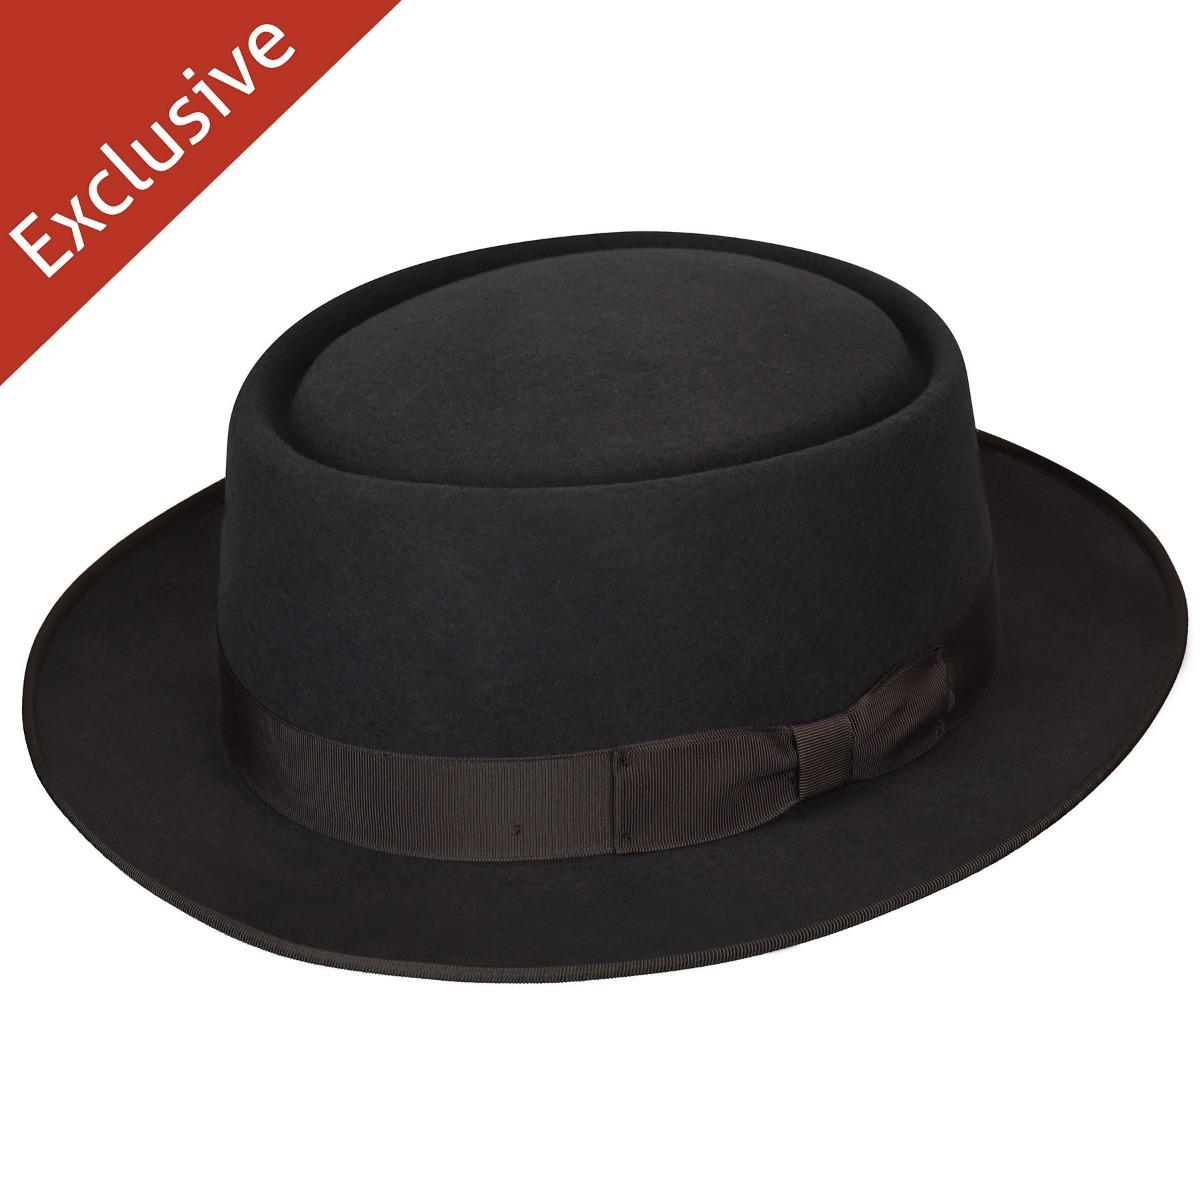 Hats.com Danger Pork Pie - Exclusive in Steel